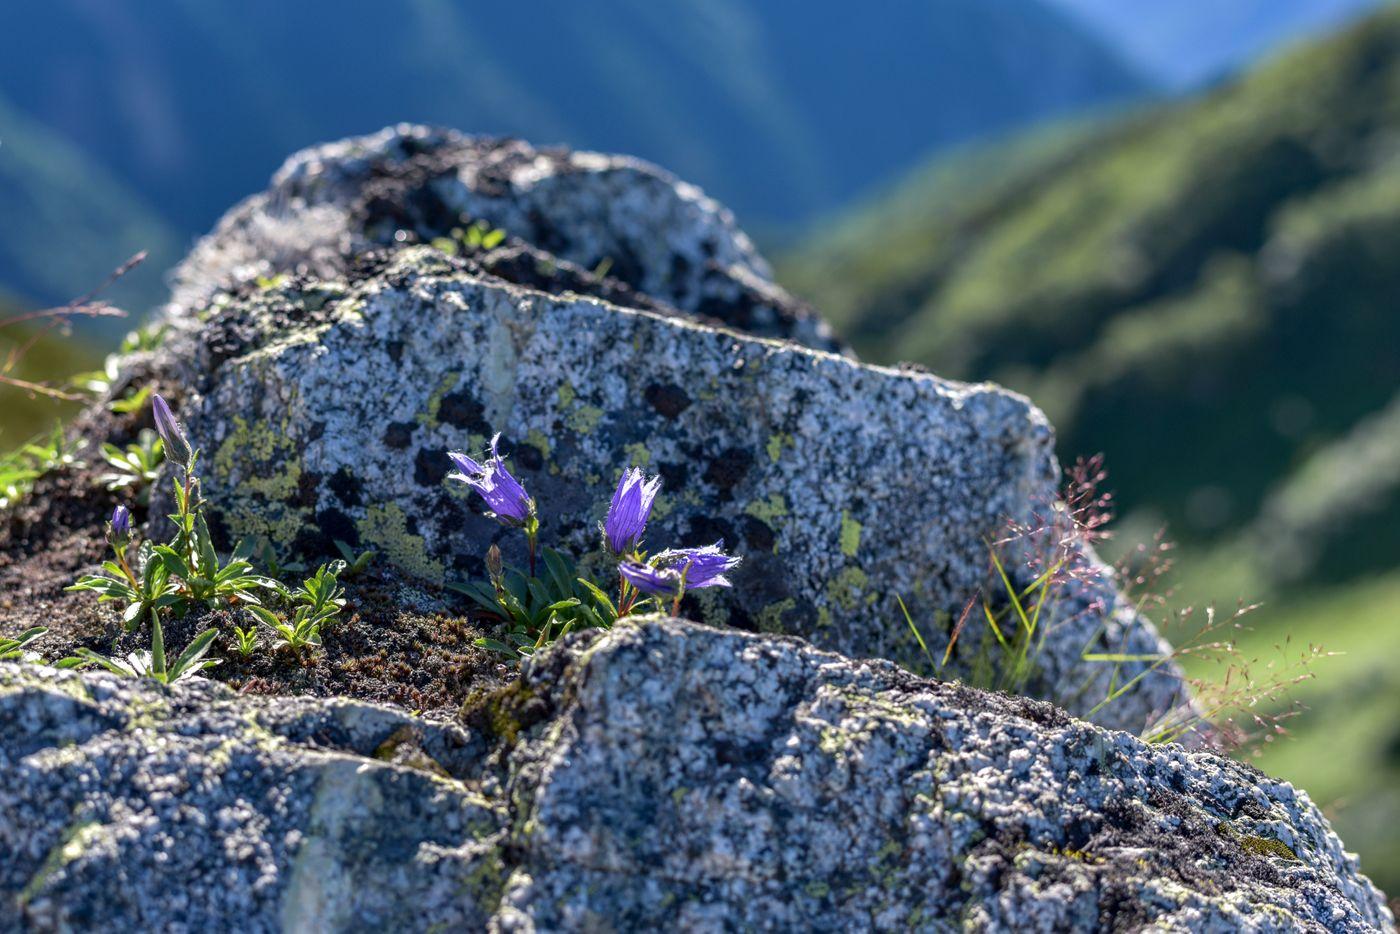 裏銀座登山道に咲く小さなチシマギキョウ(鷲羽岳)の写真